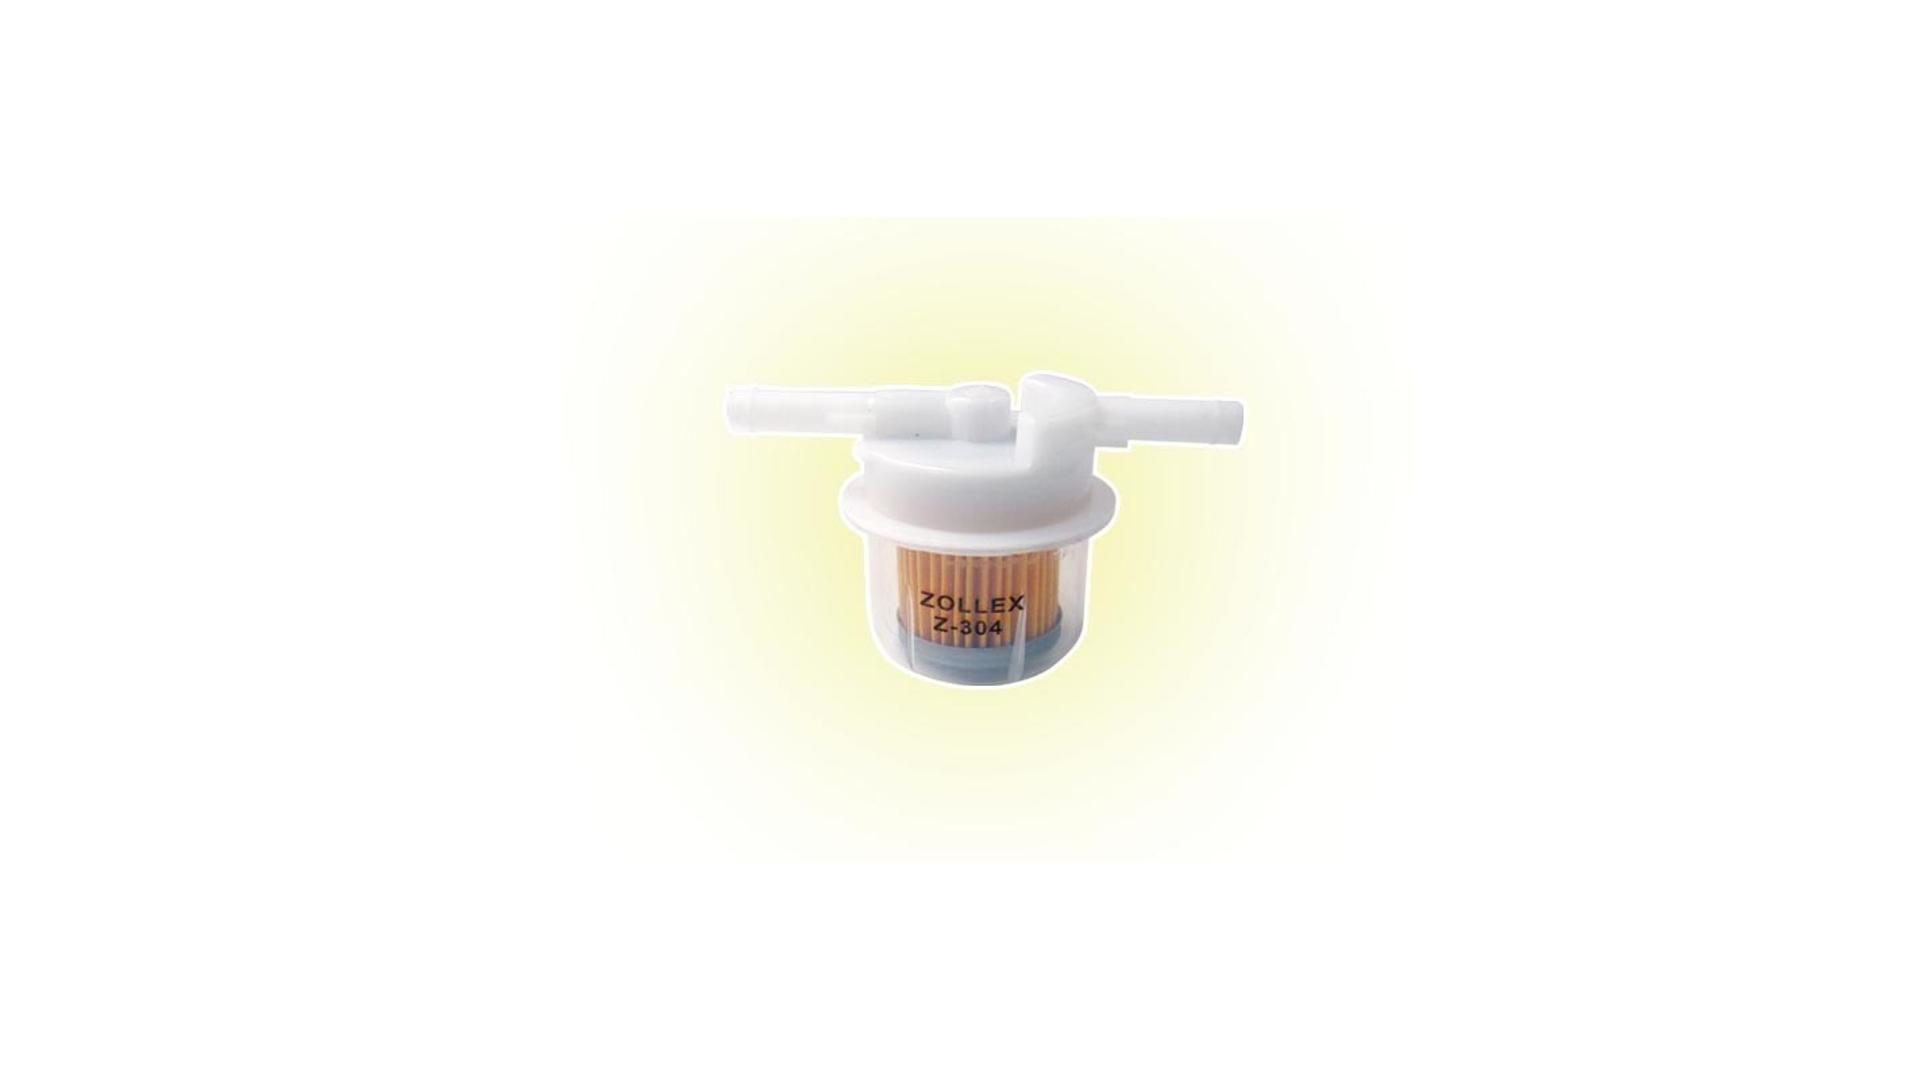 ZOLLEX Univerzální palivový filtr Z-304 (analogue GB-215)